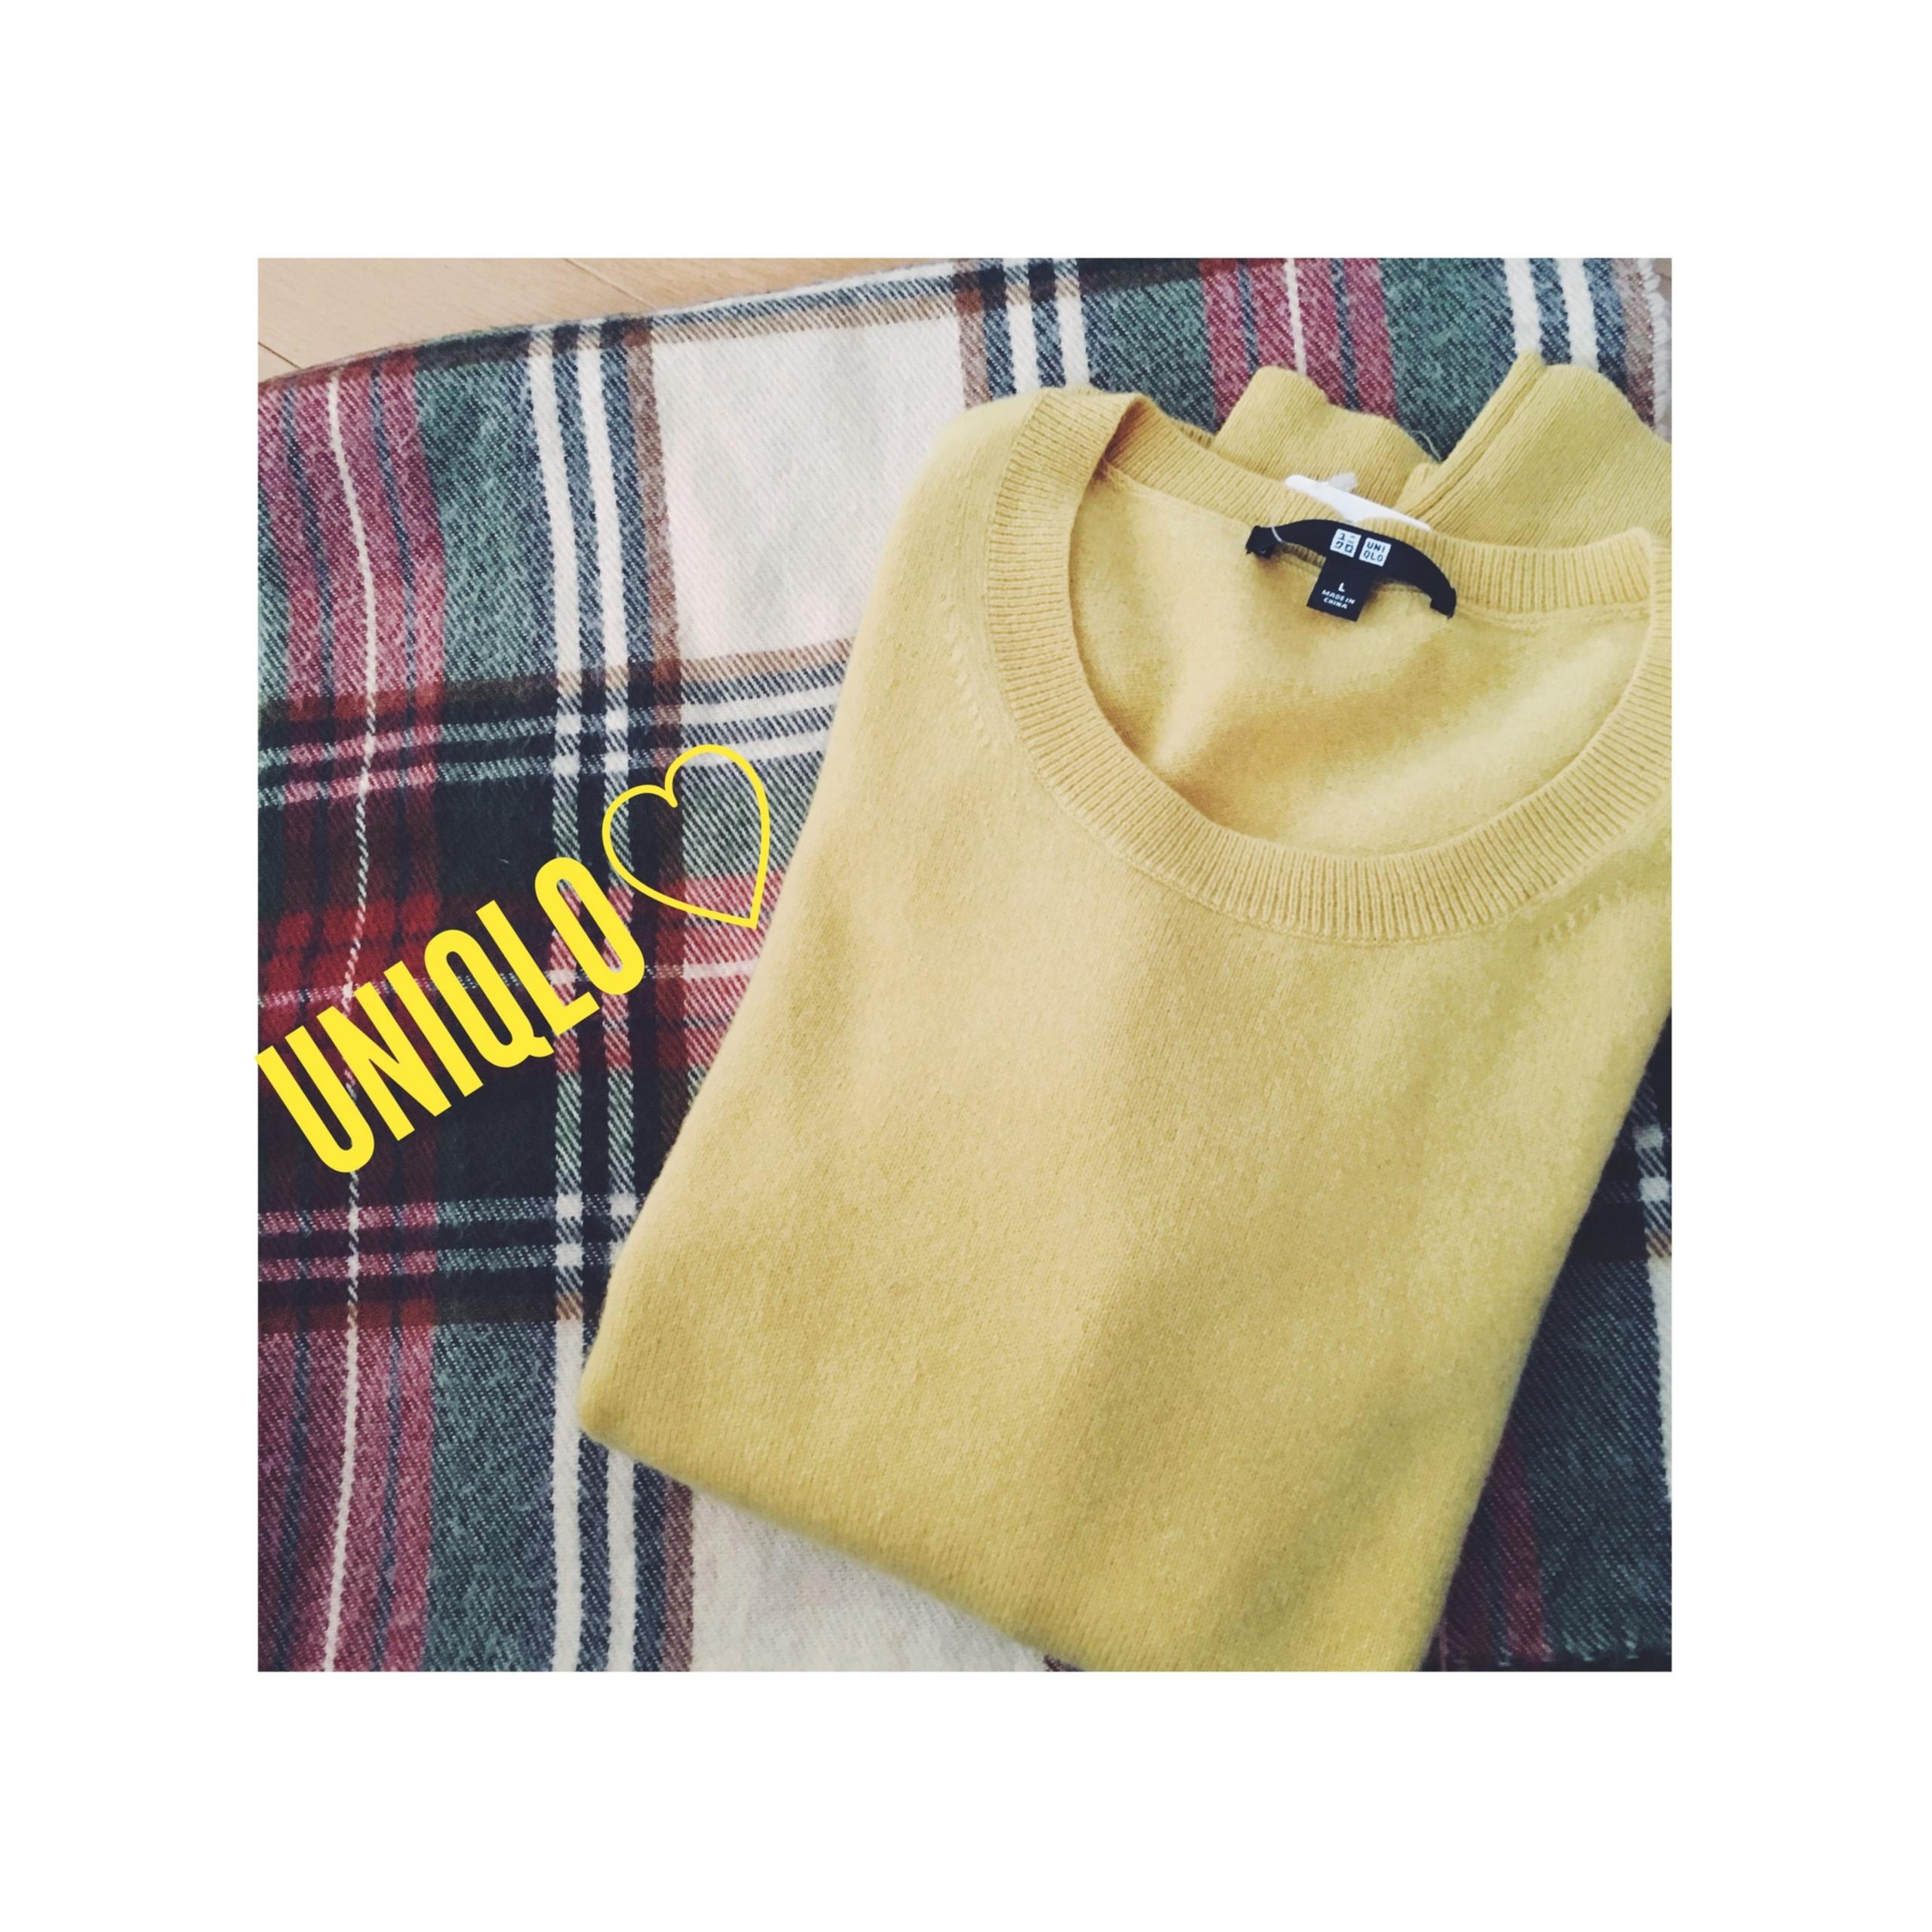 《11/2まで期間限定¥1,000オフ★》【UNIQLO】何枚でも欲しい!毎年大活躍のカシミヤセーターは新色イエローがおすすめです❤️_1